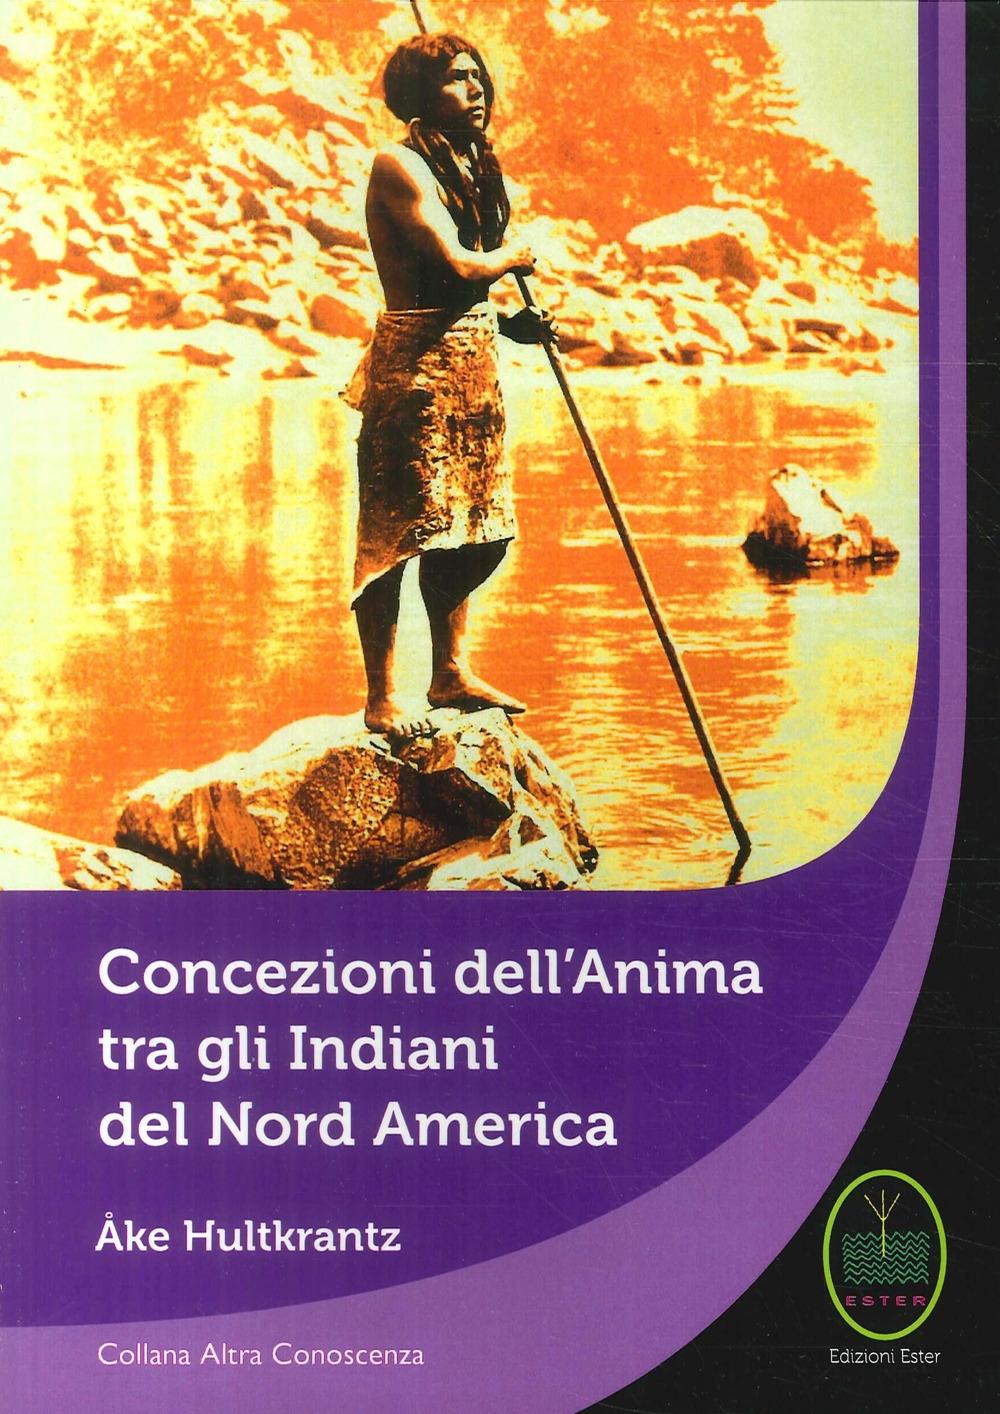 Concezioni Dell'Anima tra gli Indiani del Nord America